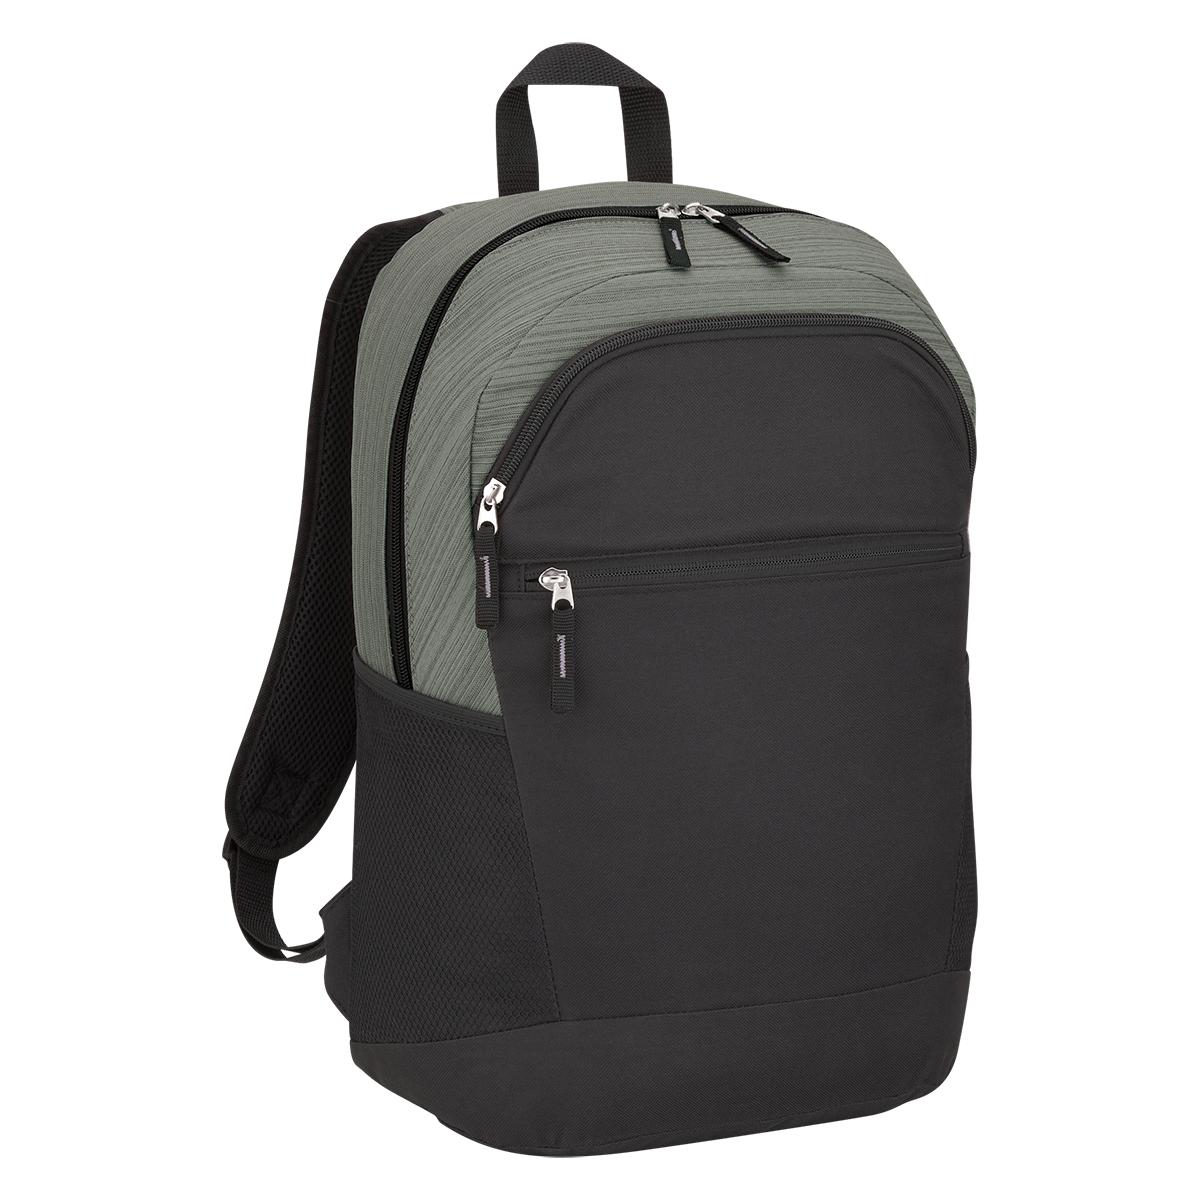 3418 - Backpack Tahoe